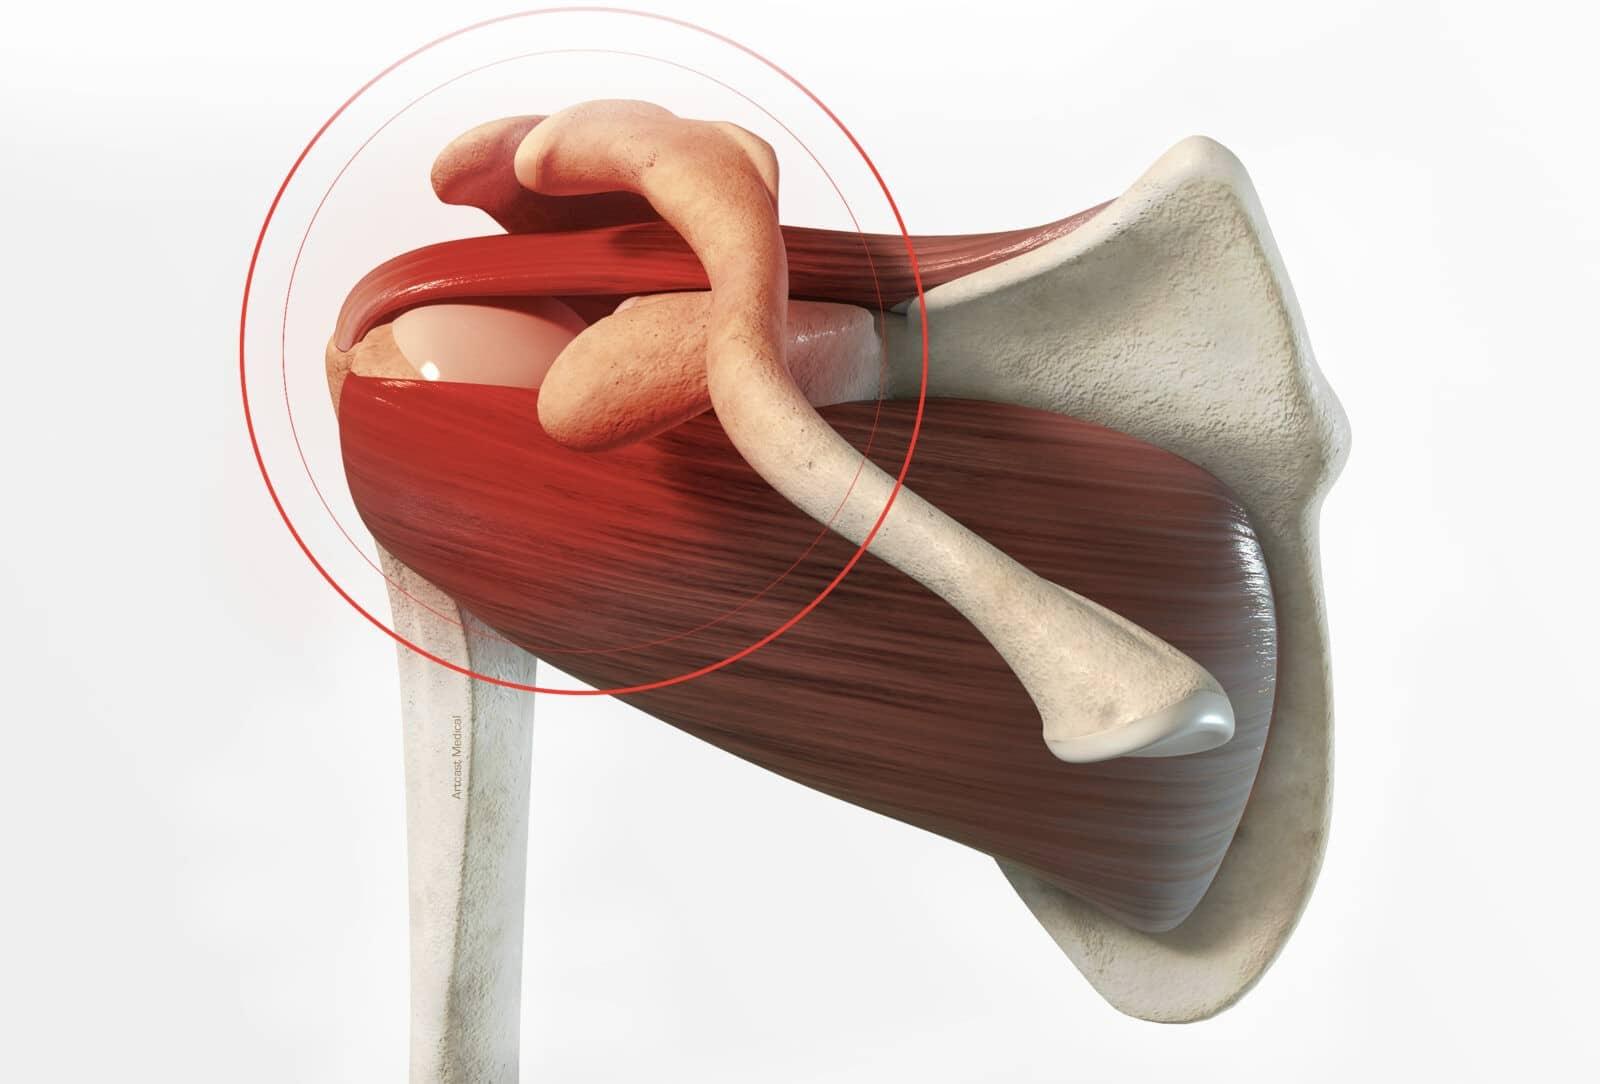 Traitement fracture de l'épaule (humérus et omoplate) à Paris - Dr Paillard